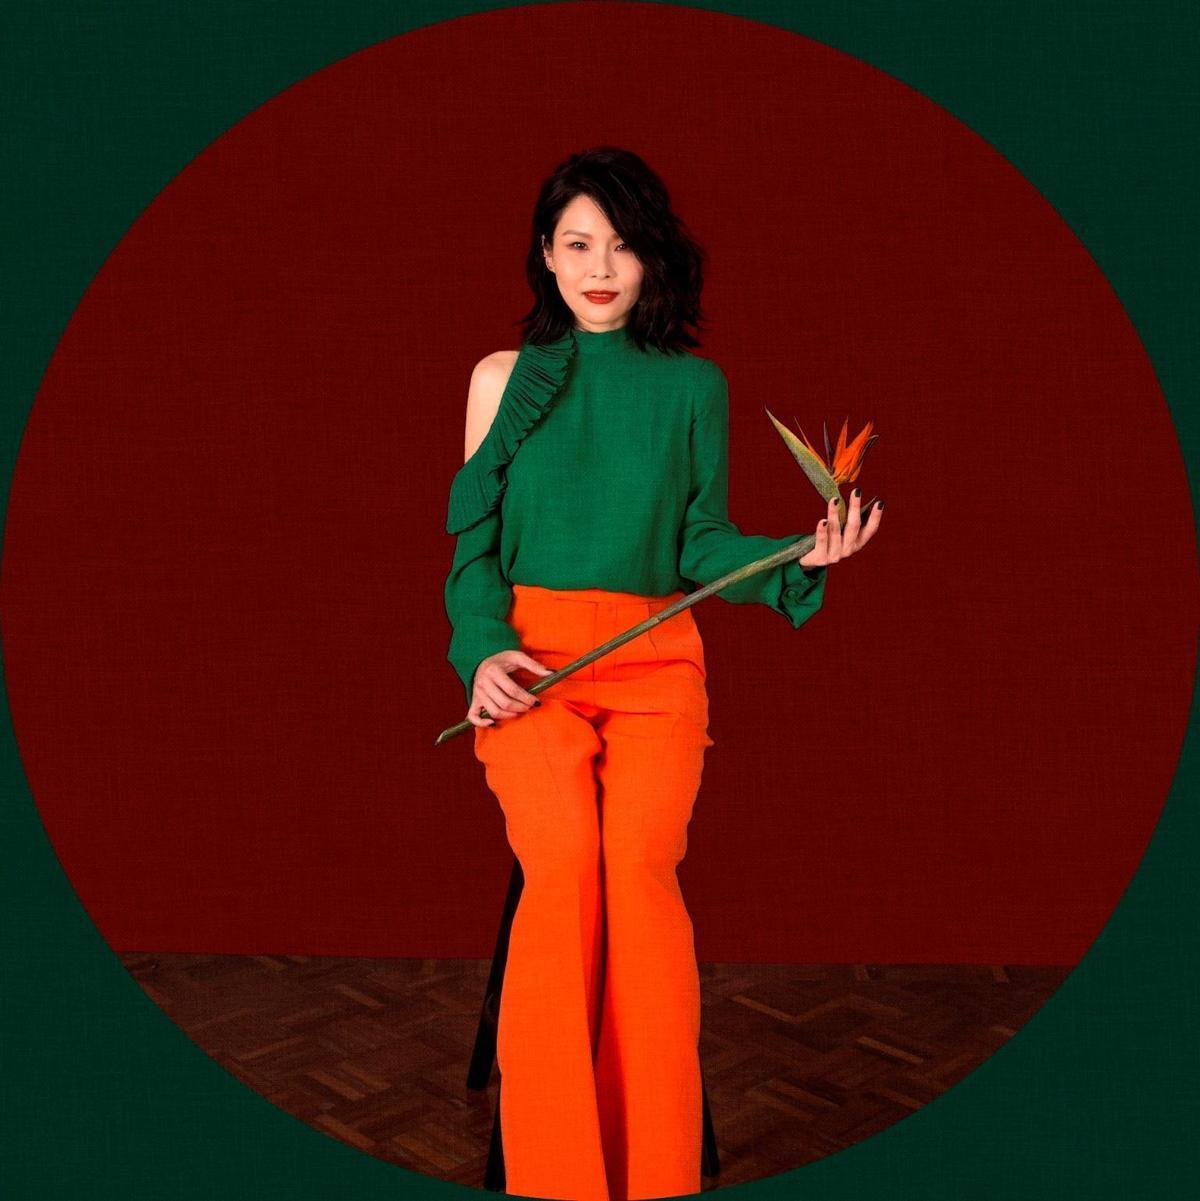 周蕙在「都市女聲」系列演唱會打頭陣,透露新專輯為媽媽而唱。(Legacy提供)